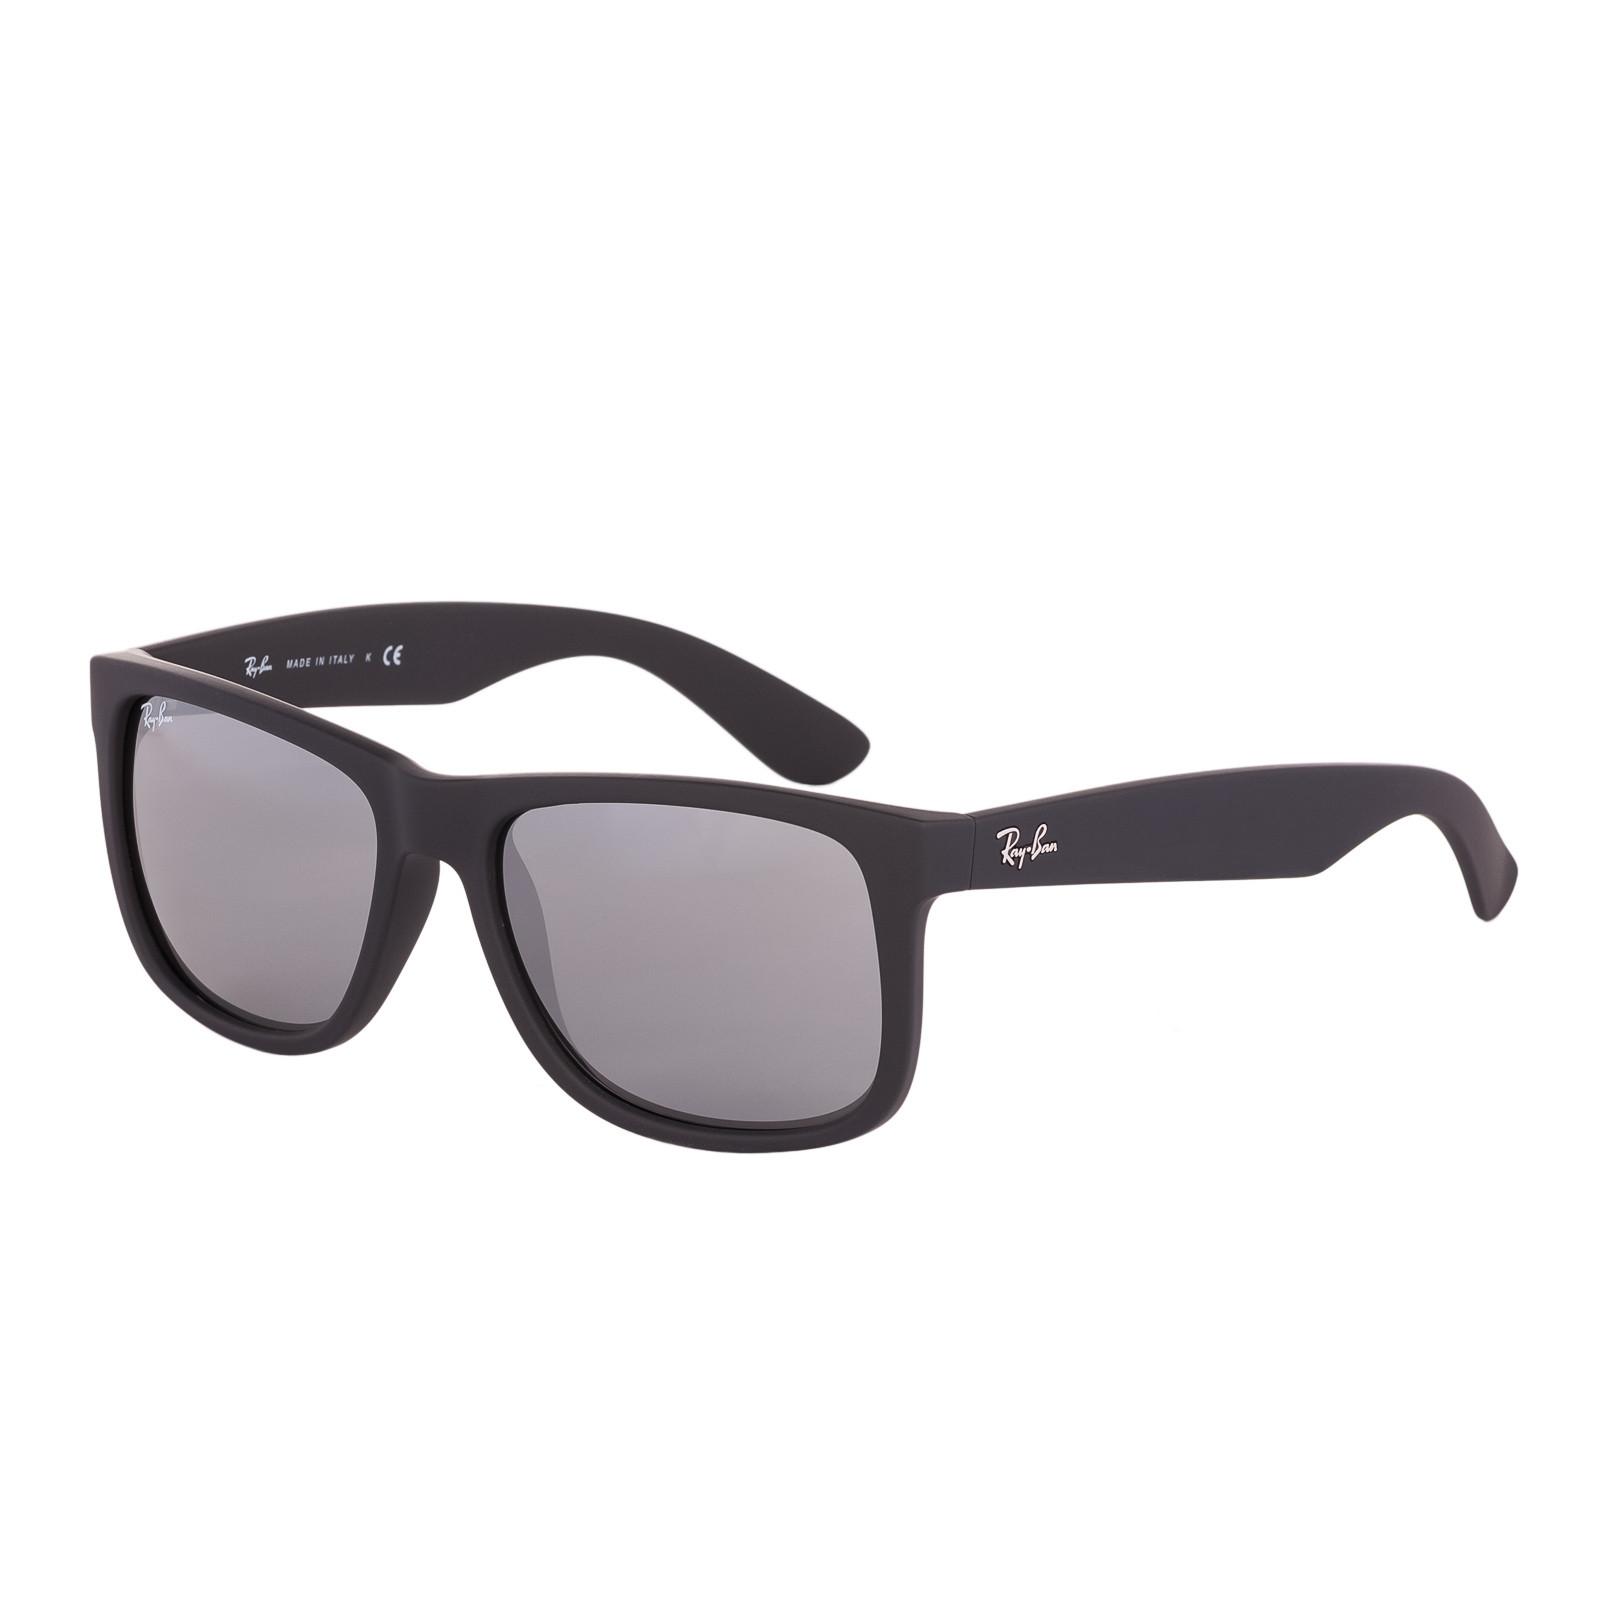 226f3f2cff5 Ray-Ban Justin Rubber Black Gafas de Sol RB4165 622 6G - Gafas de sol